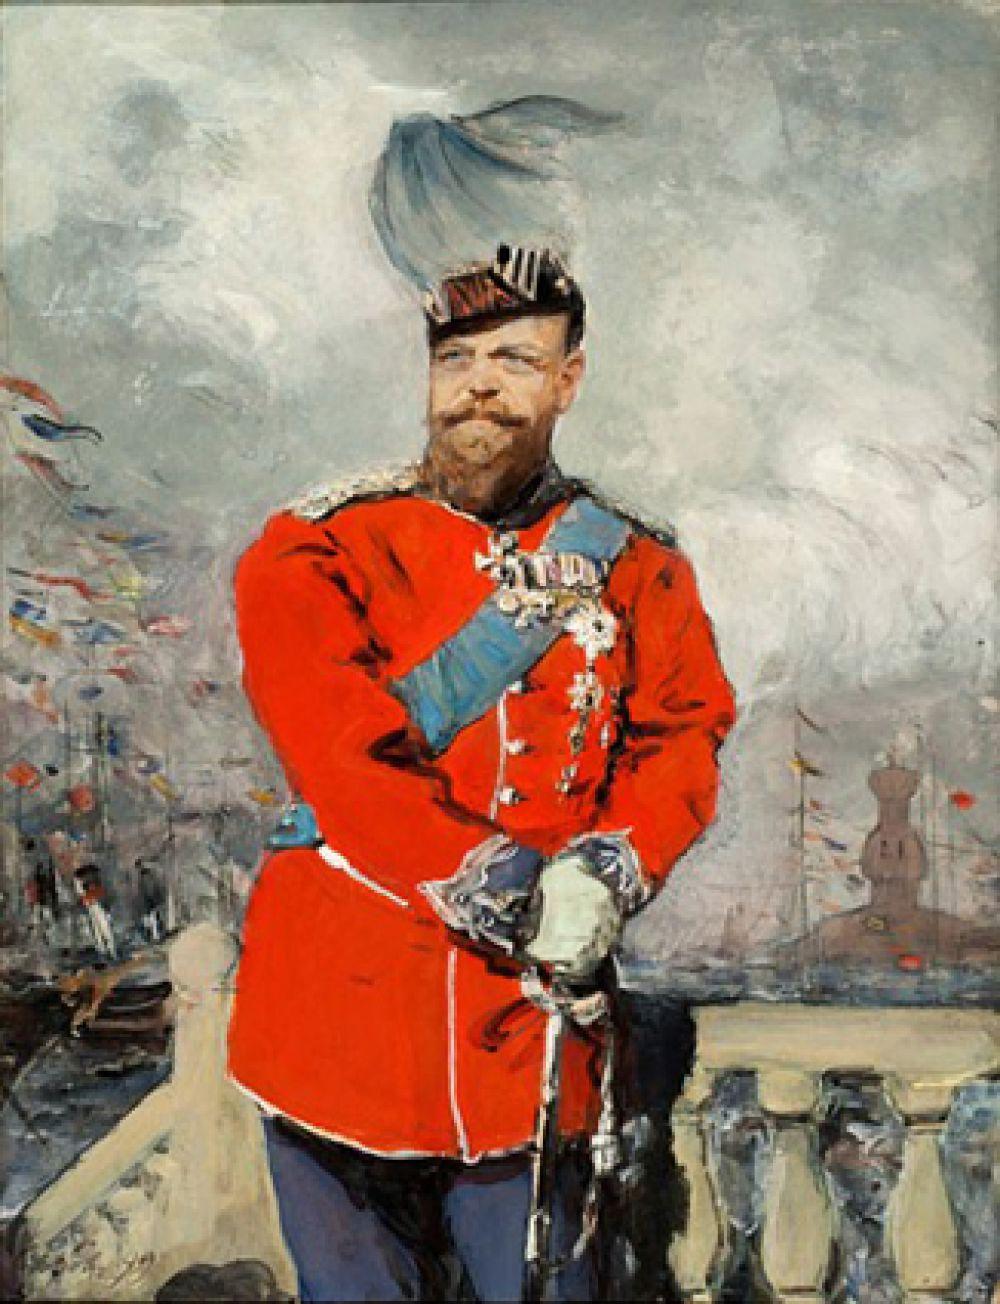 Привезенный из Дании портрет императора Александра III (1899), подаренный императором Николаем II офицерам Королевской лейб-гвардии, шефом которой был Александр III, также вернулся в музей, где хранится.